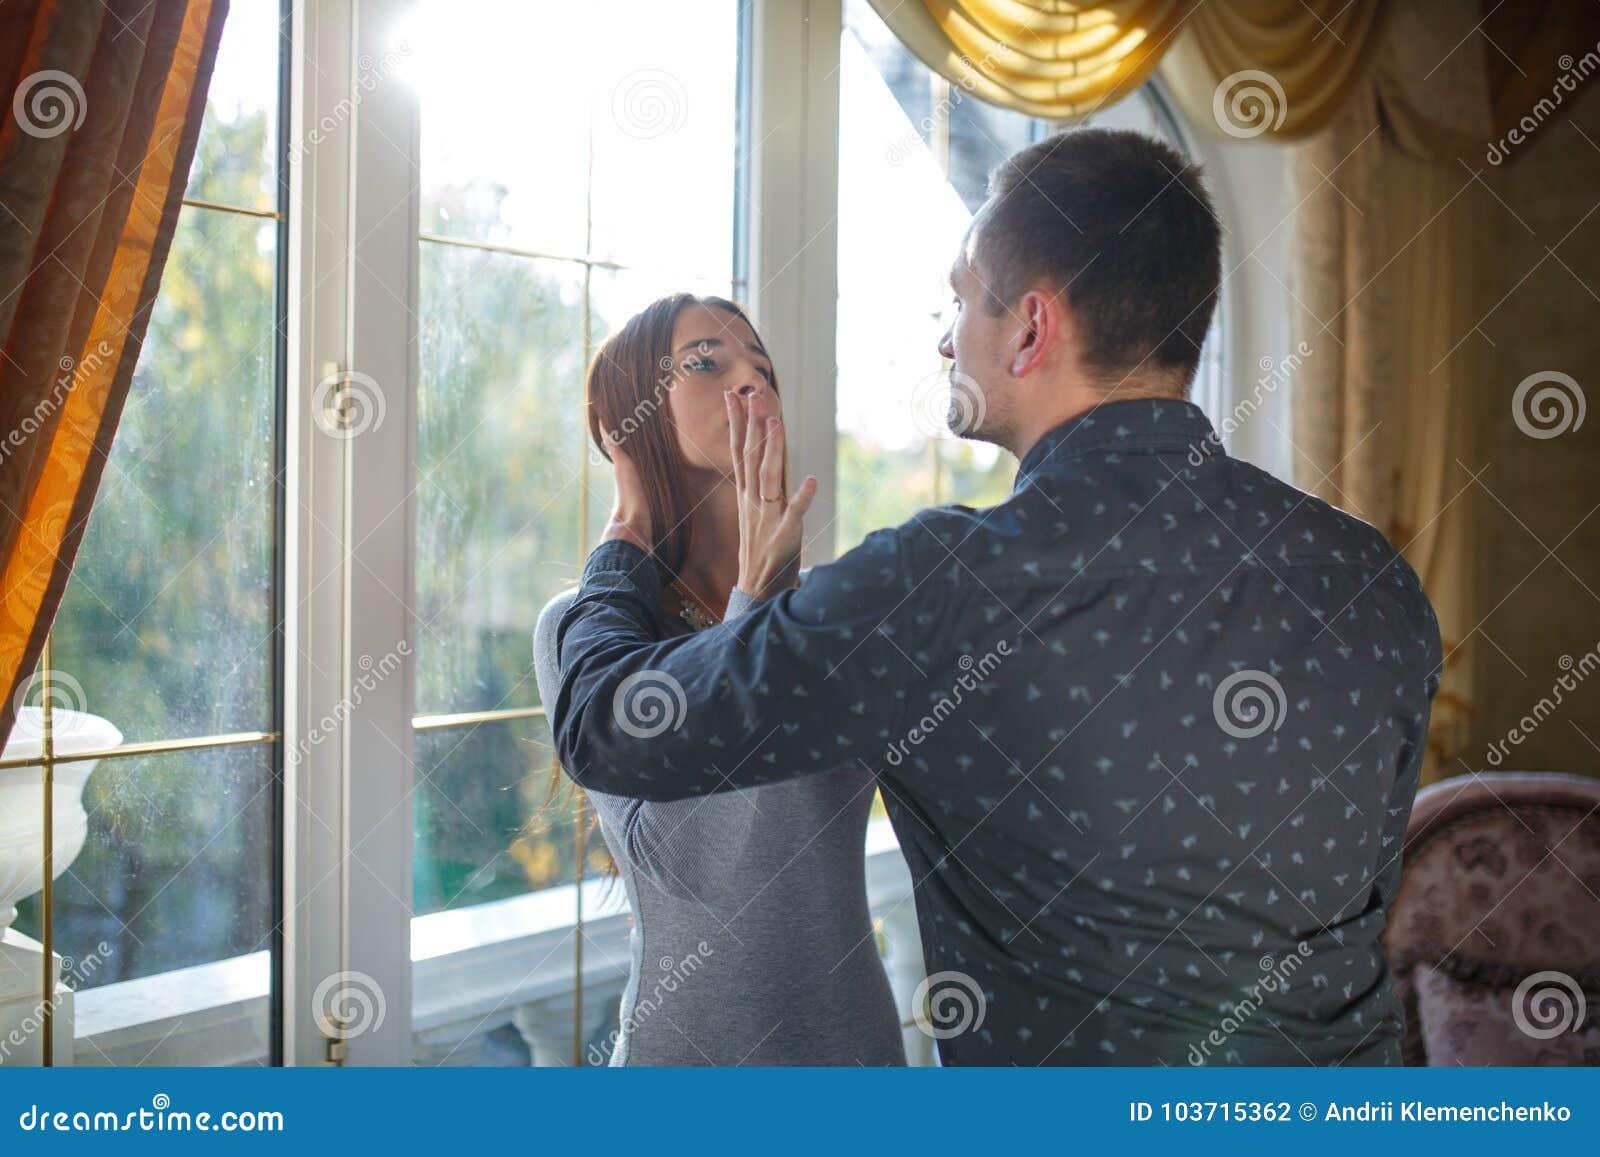 Ett ungt gift par grälar i ett modernt hus vid fönstret